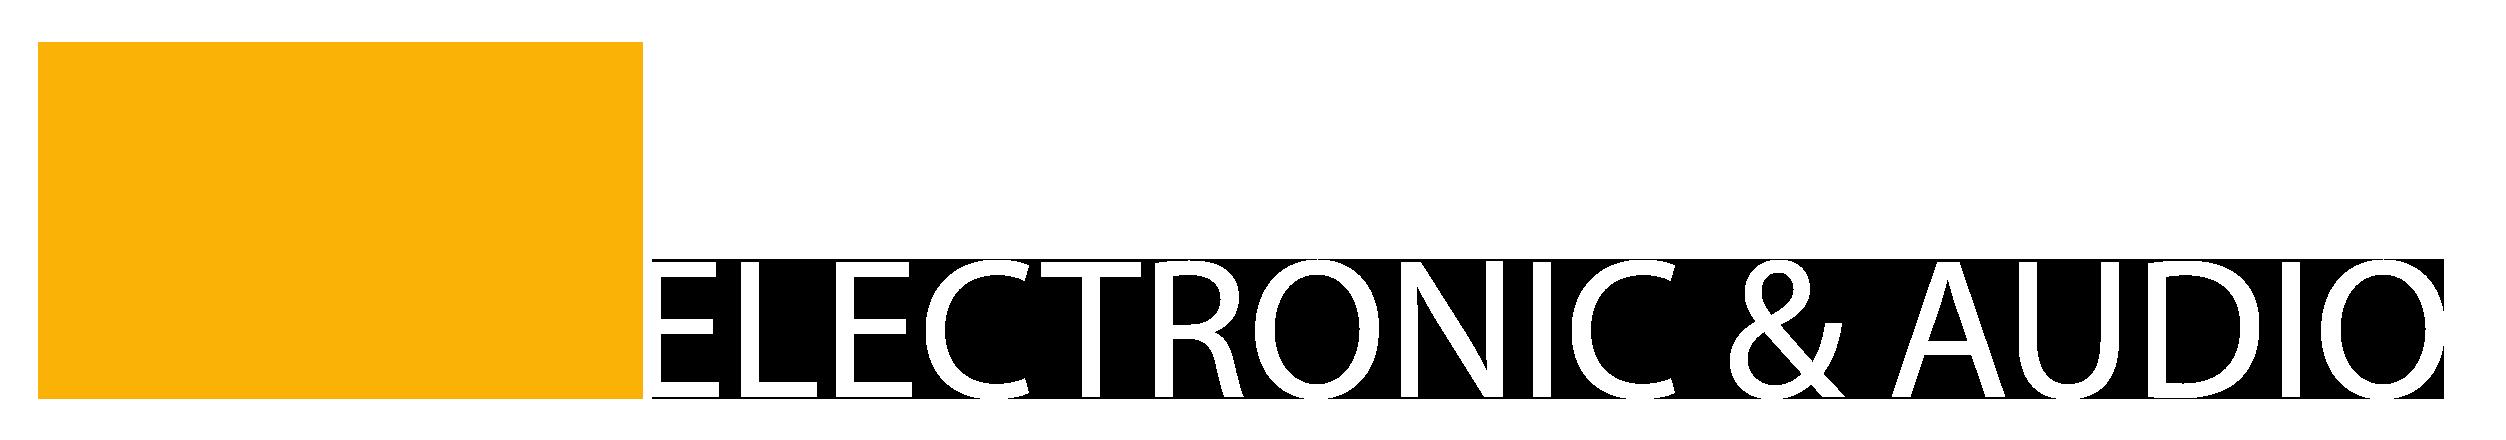 E3 AUDIO & ELECTRONICS EQUIPMENT CO., LTD.,